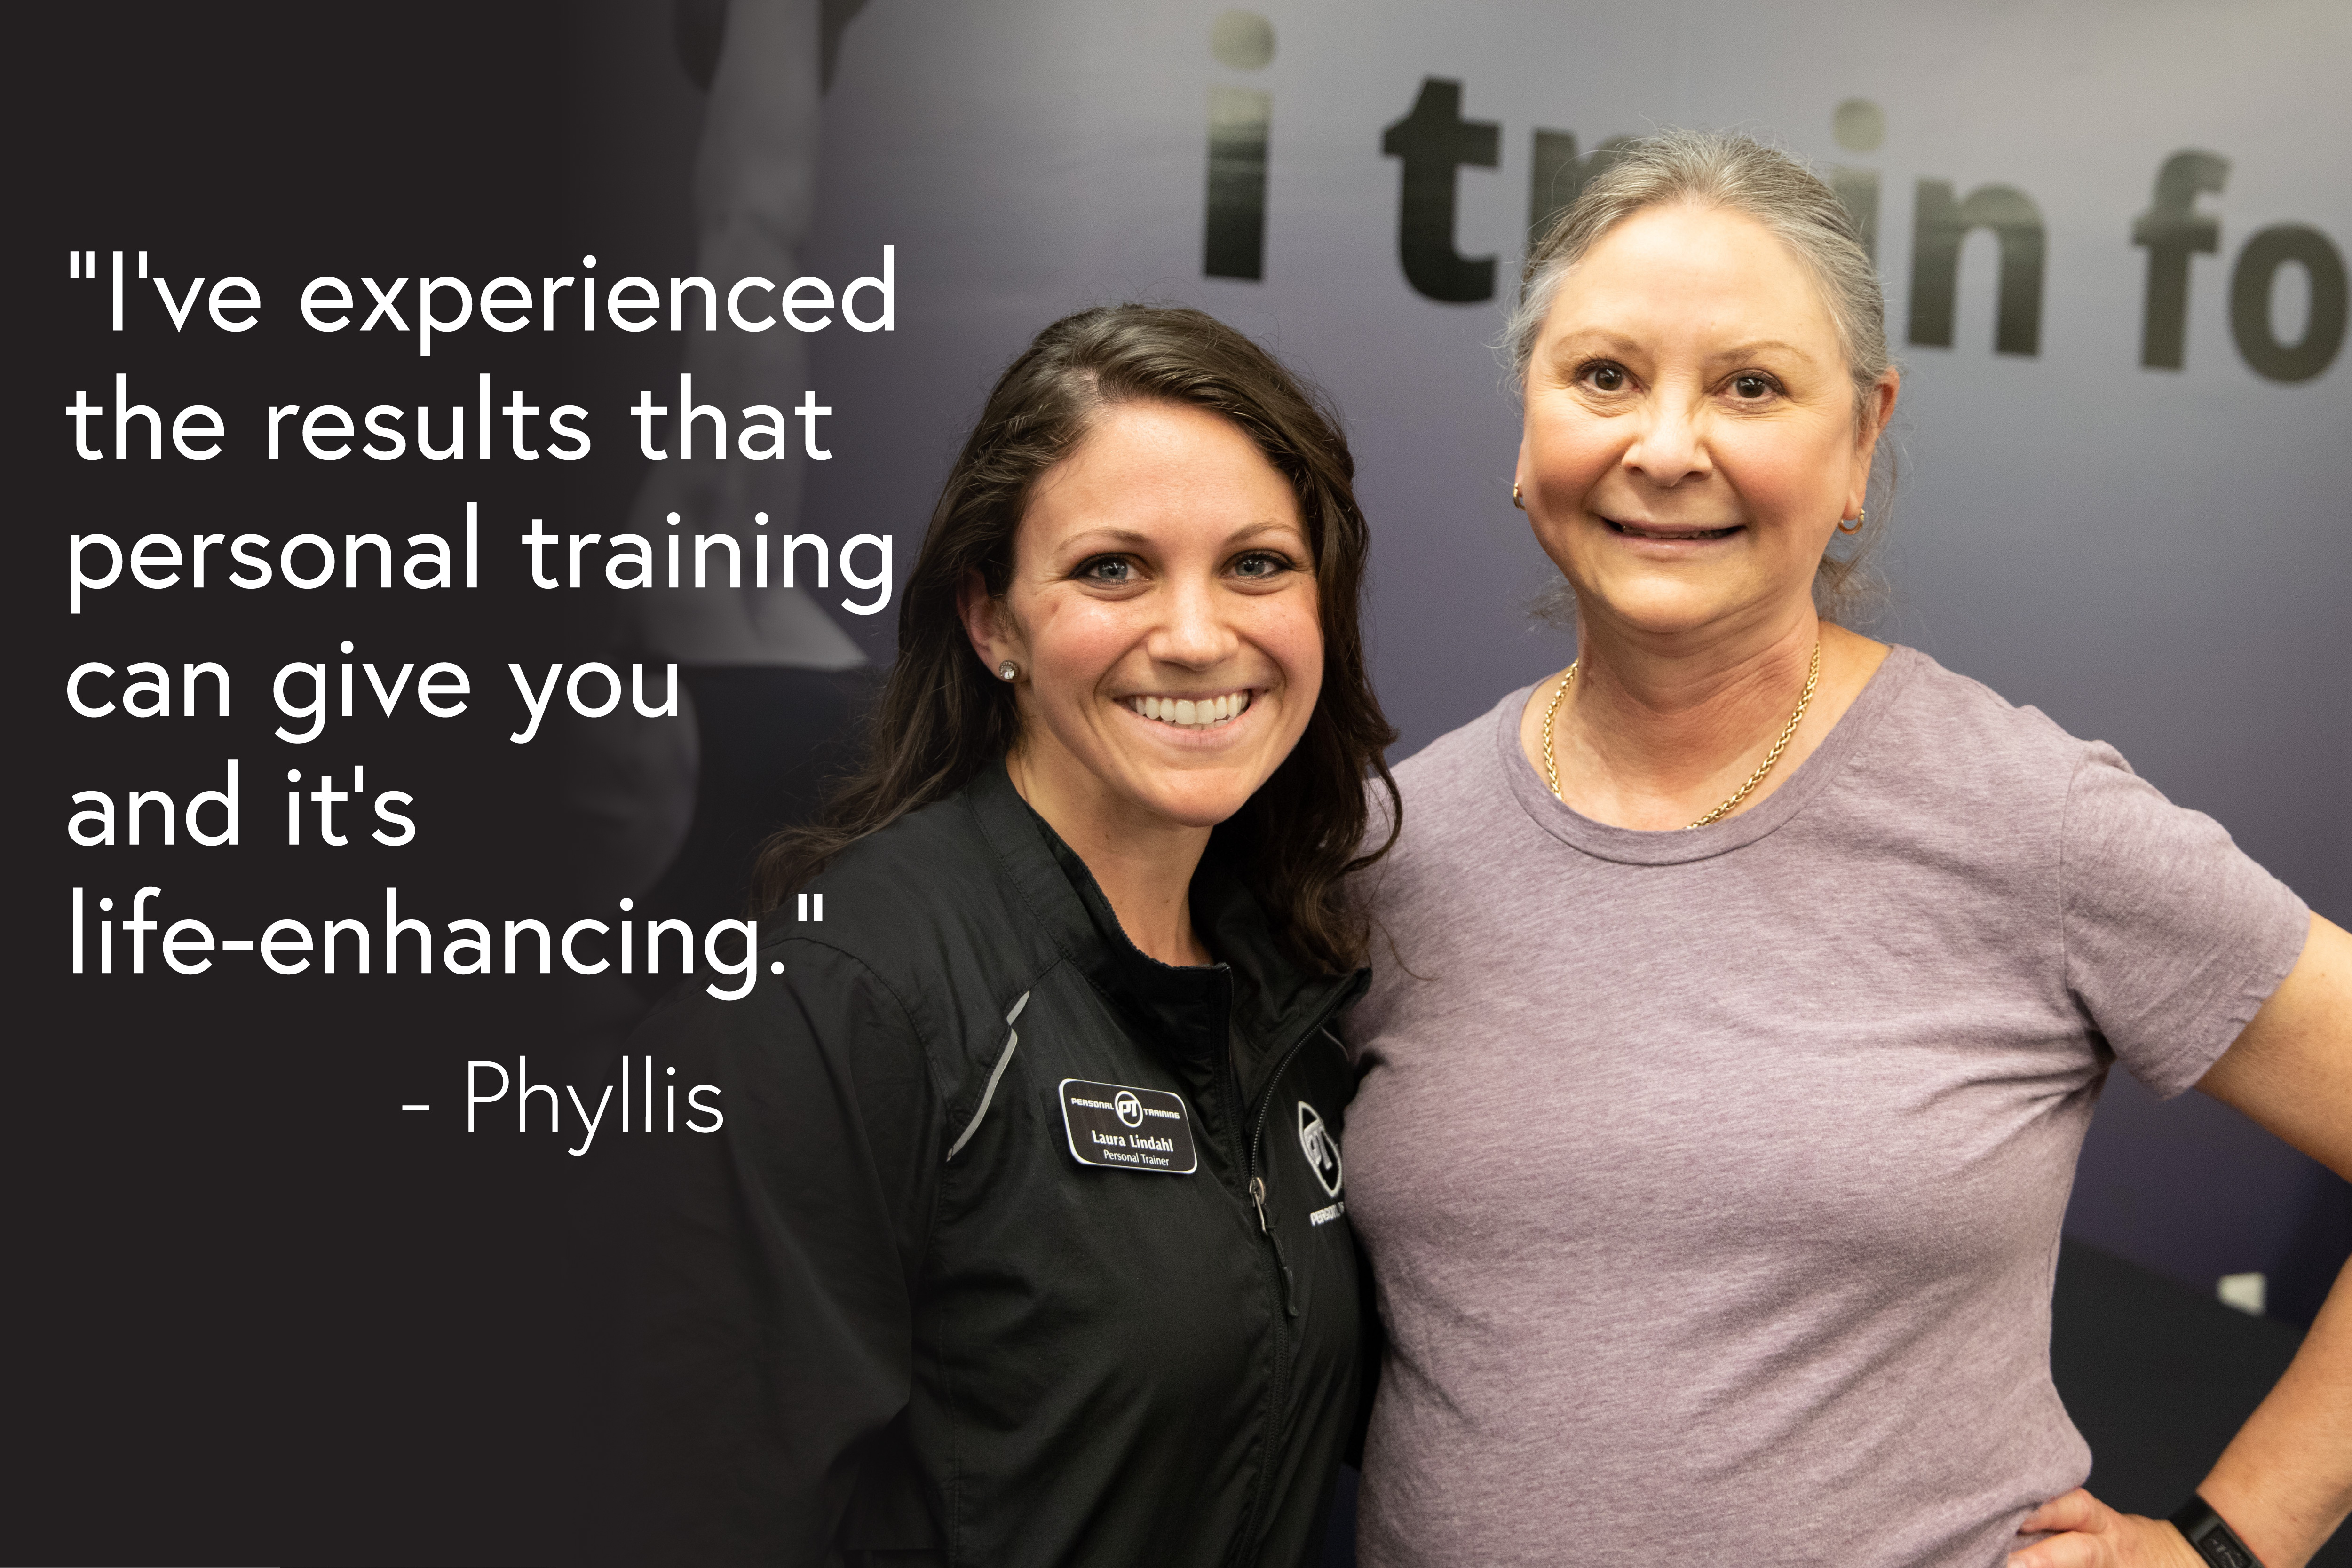 Phyllis Testimonial